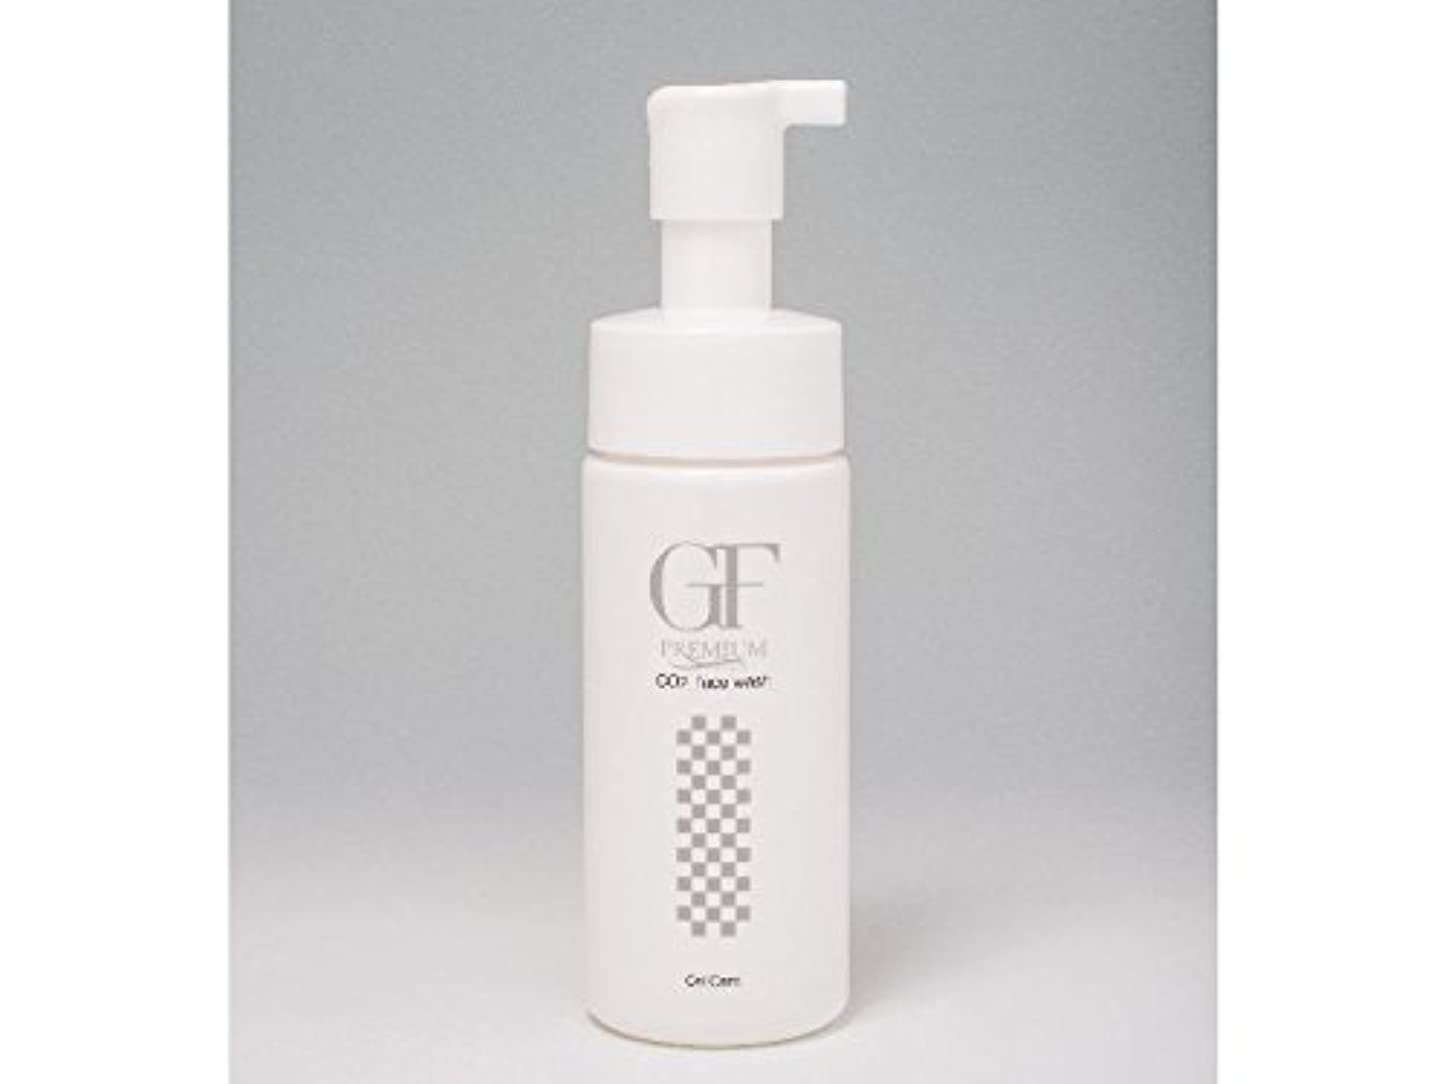 凝縮する冗長最初はセルケア GFプレミアム EG炭酸洗顔フォーム 150ml